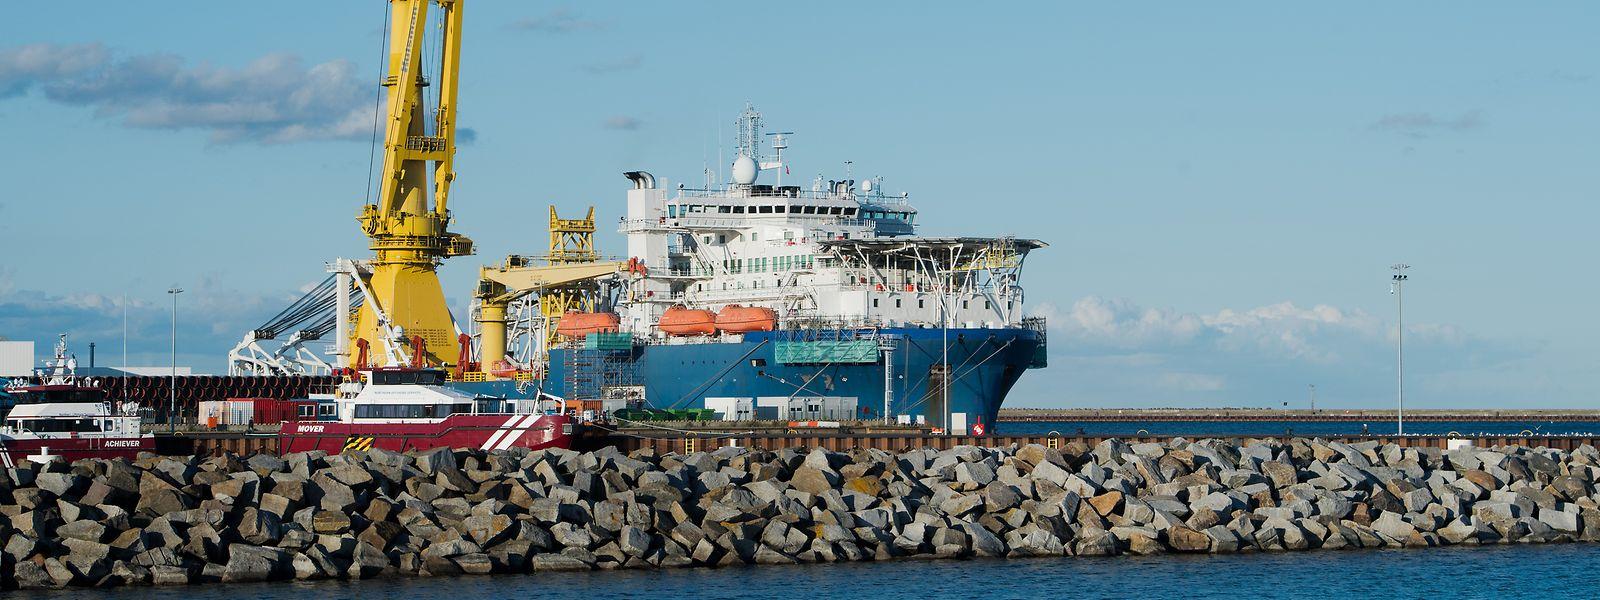 """Das russische Verlegeschiff """"Akademik Tscherski"""" liegt im Hafen Mukran auf der Insel Rügen."""